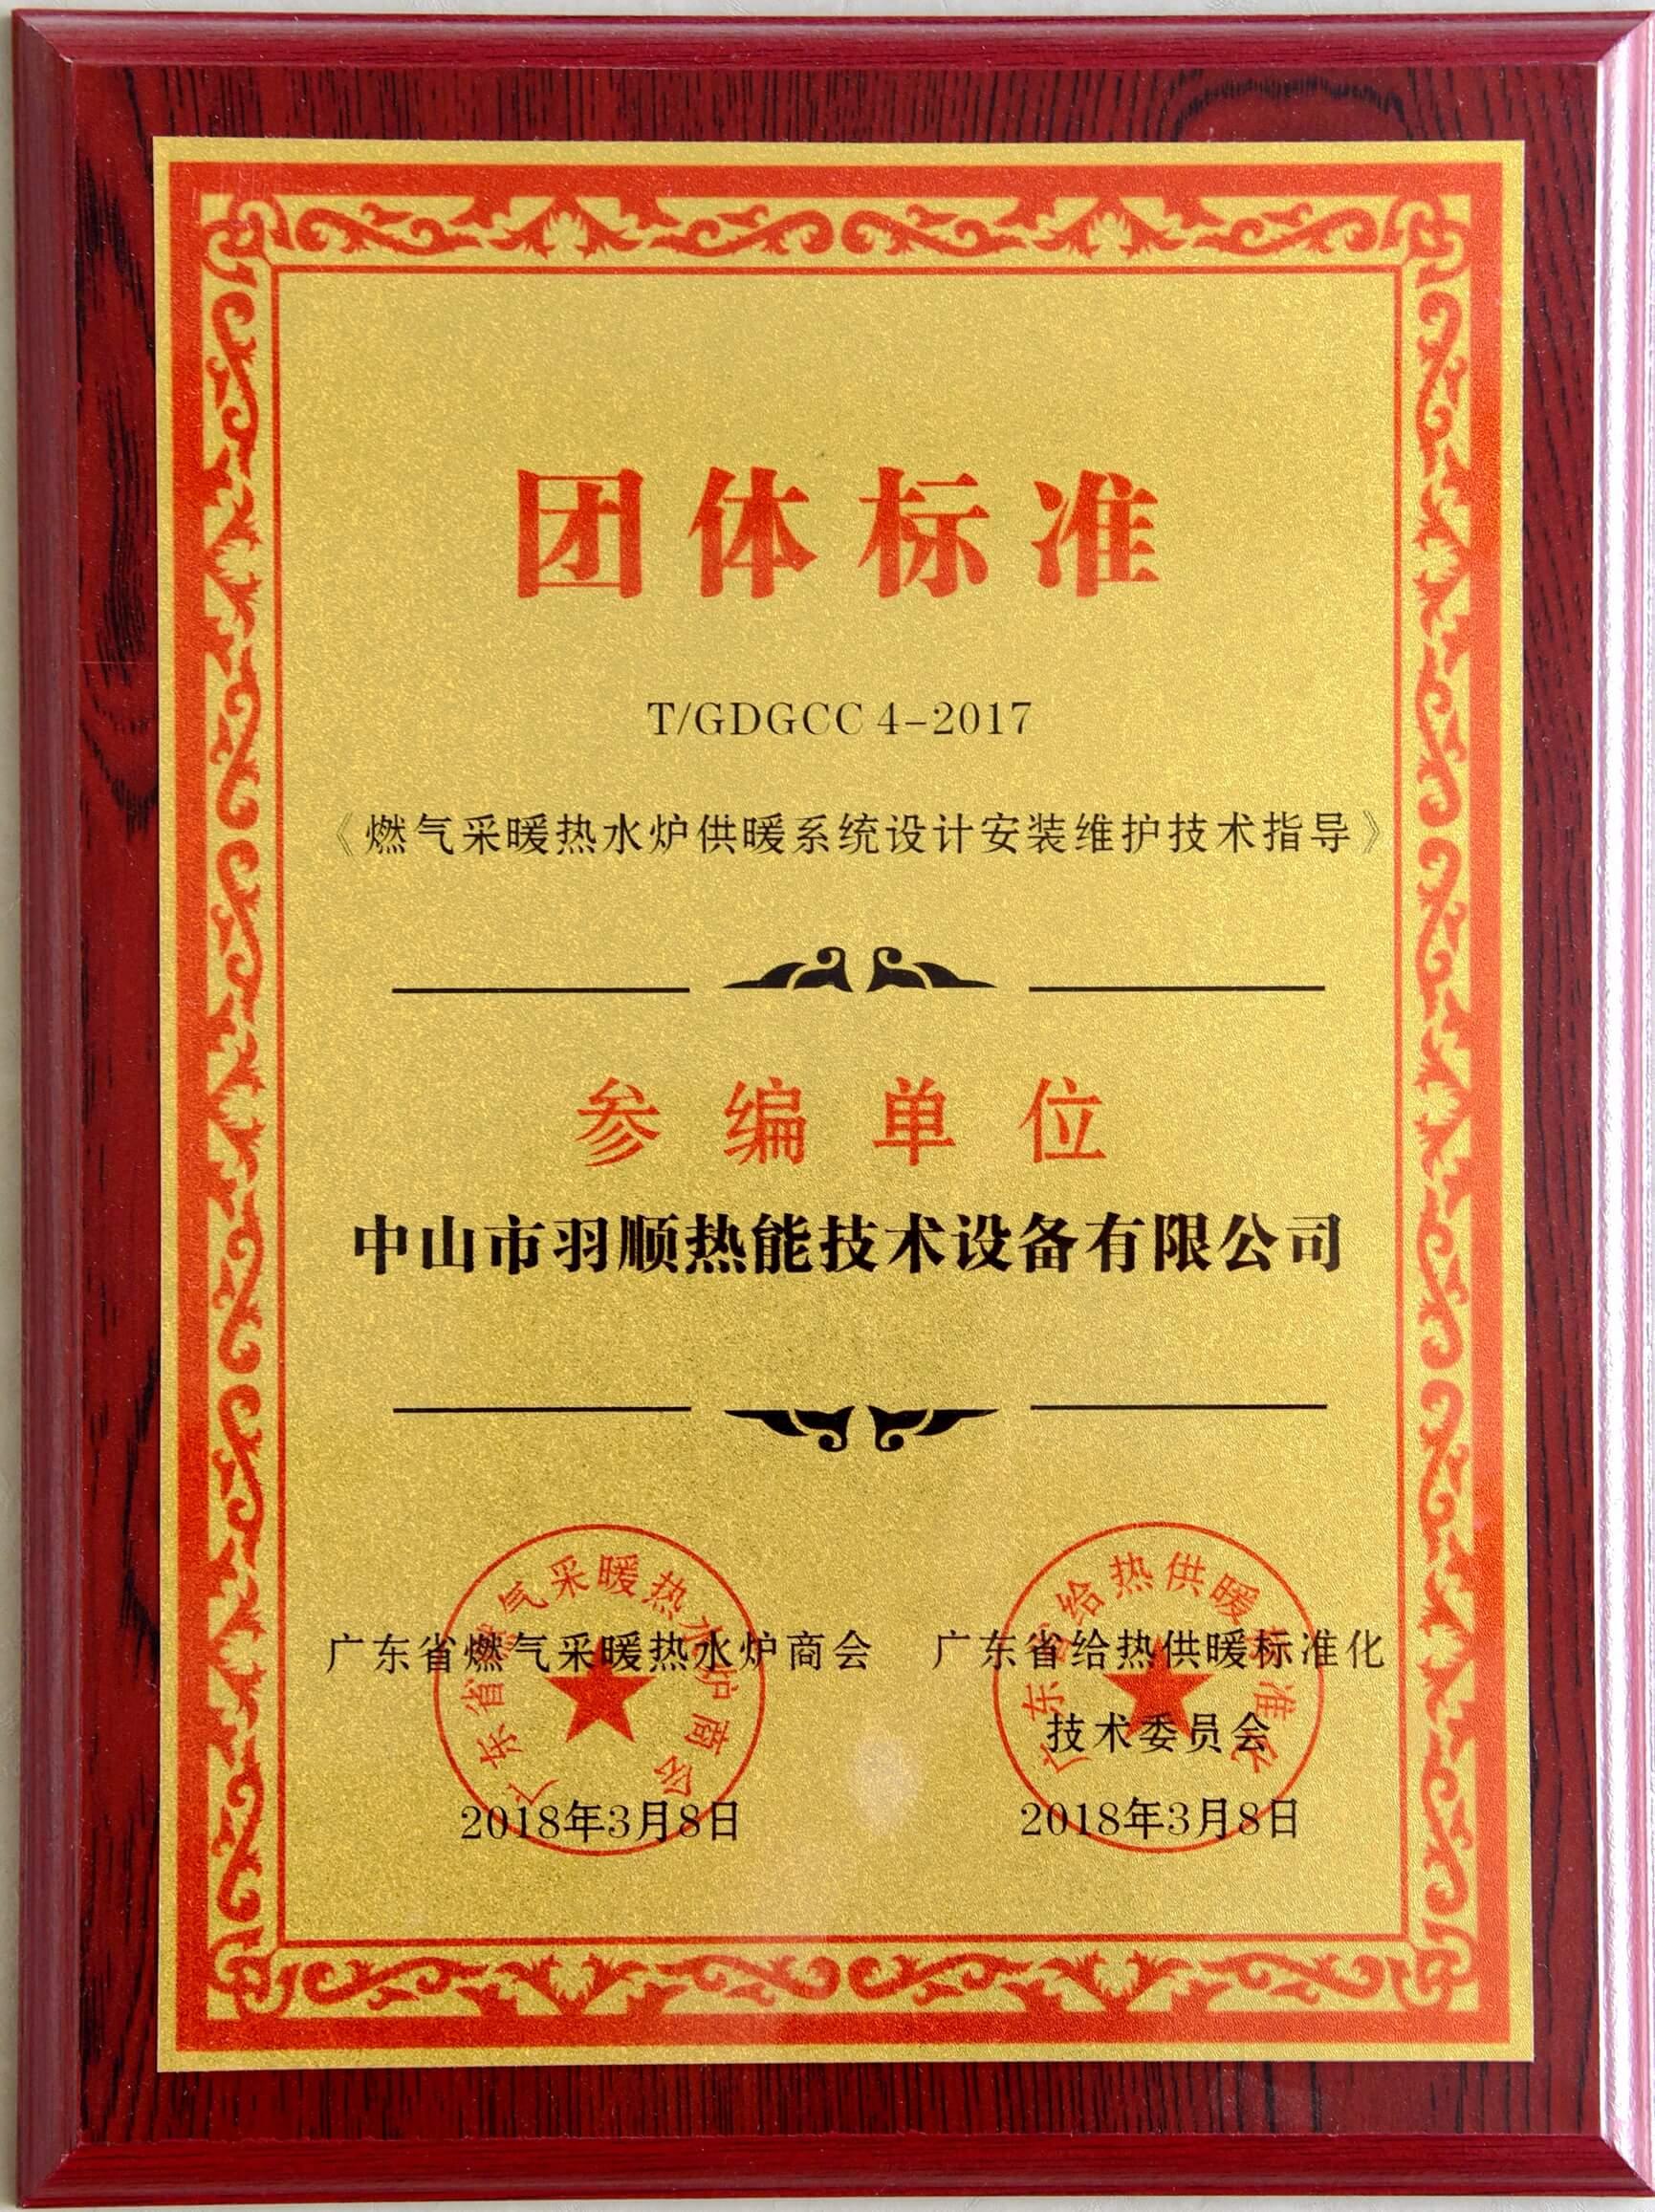 《燃气采暖热水炉供暖系统设计安装维护技术指导》参编...